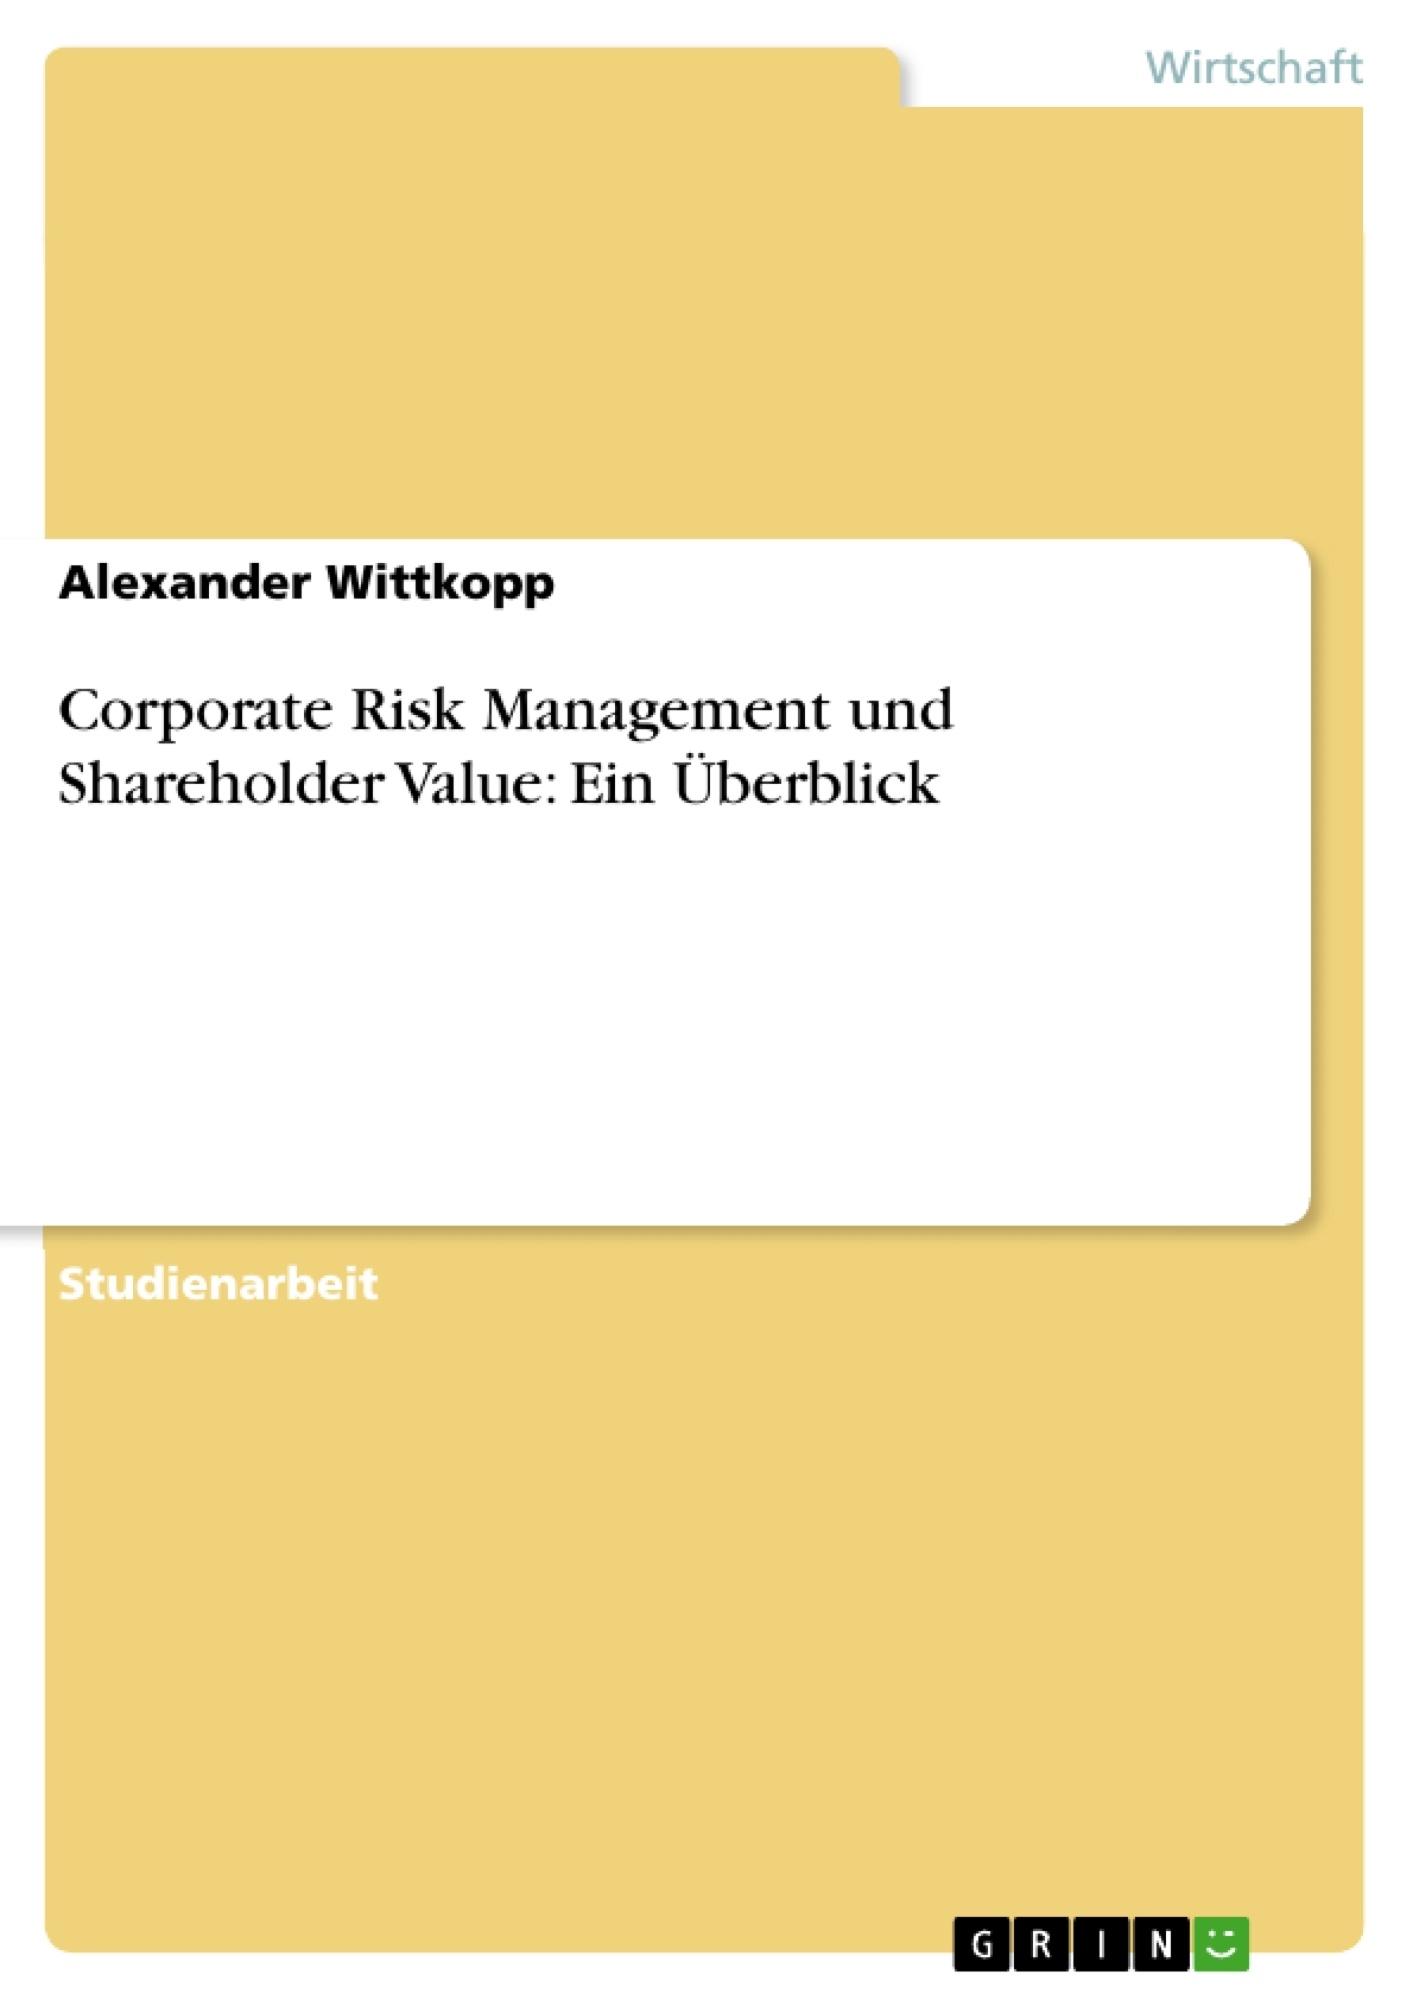 Titel: Corporate Risk Management und Shareholder Value: Ein Überblick